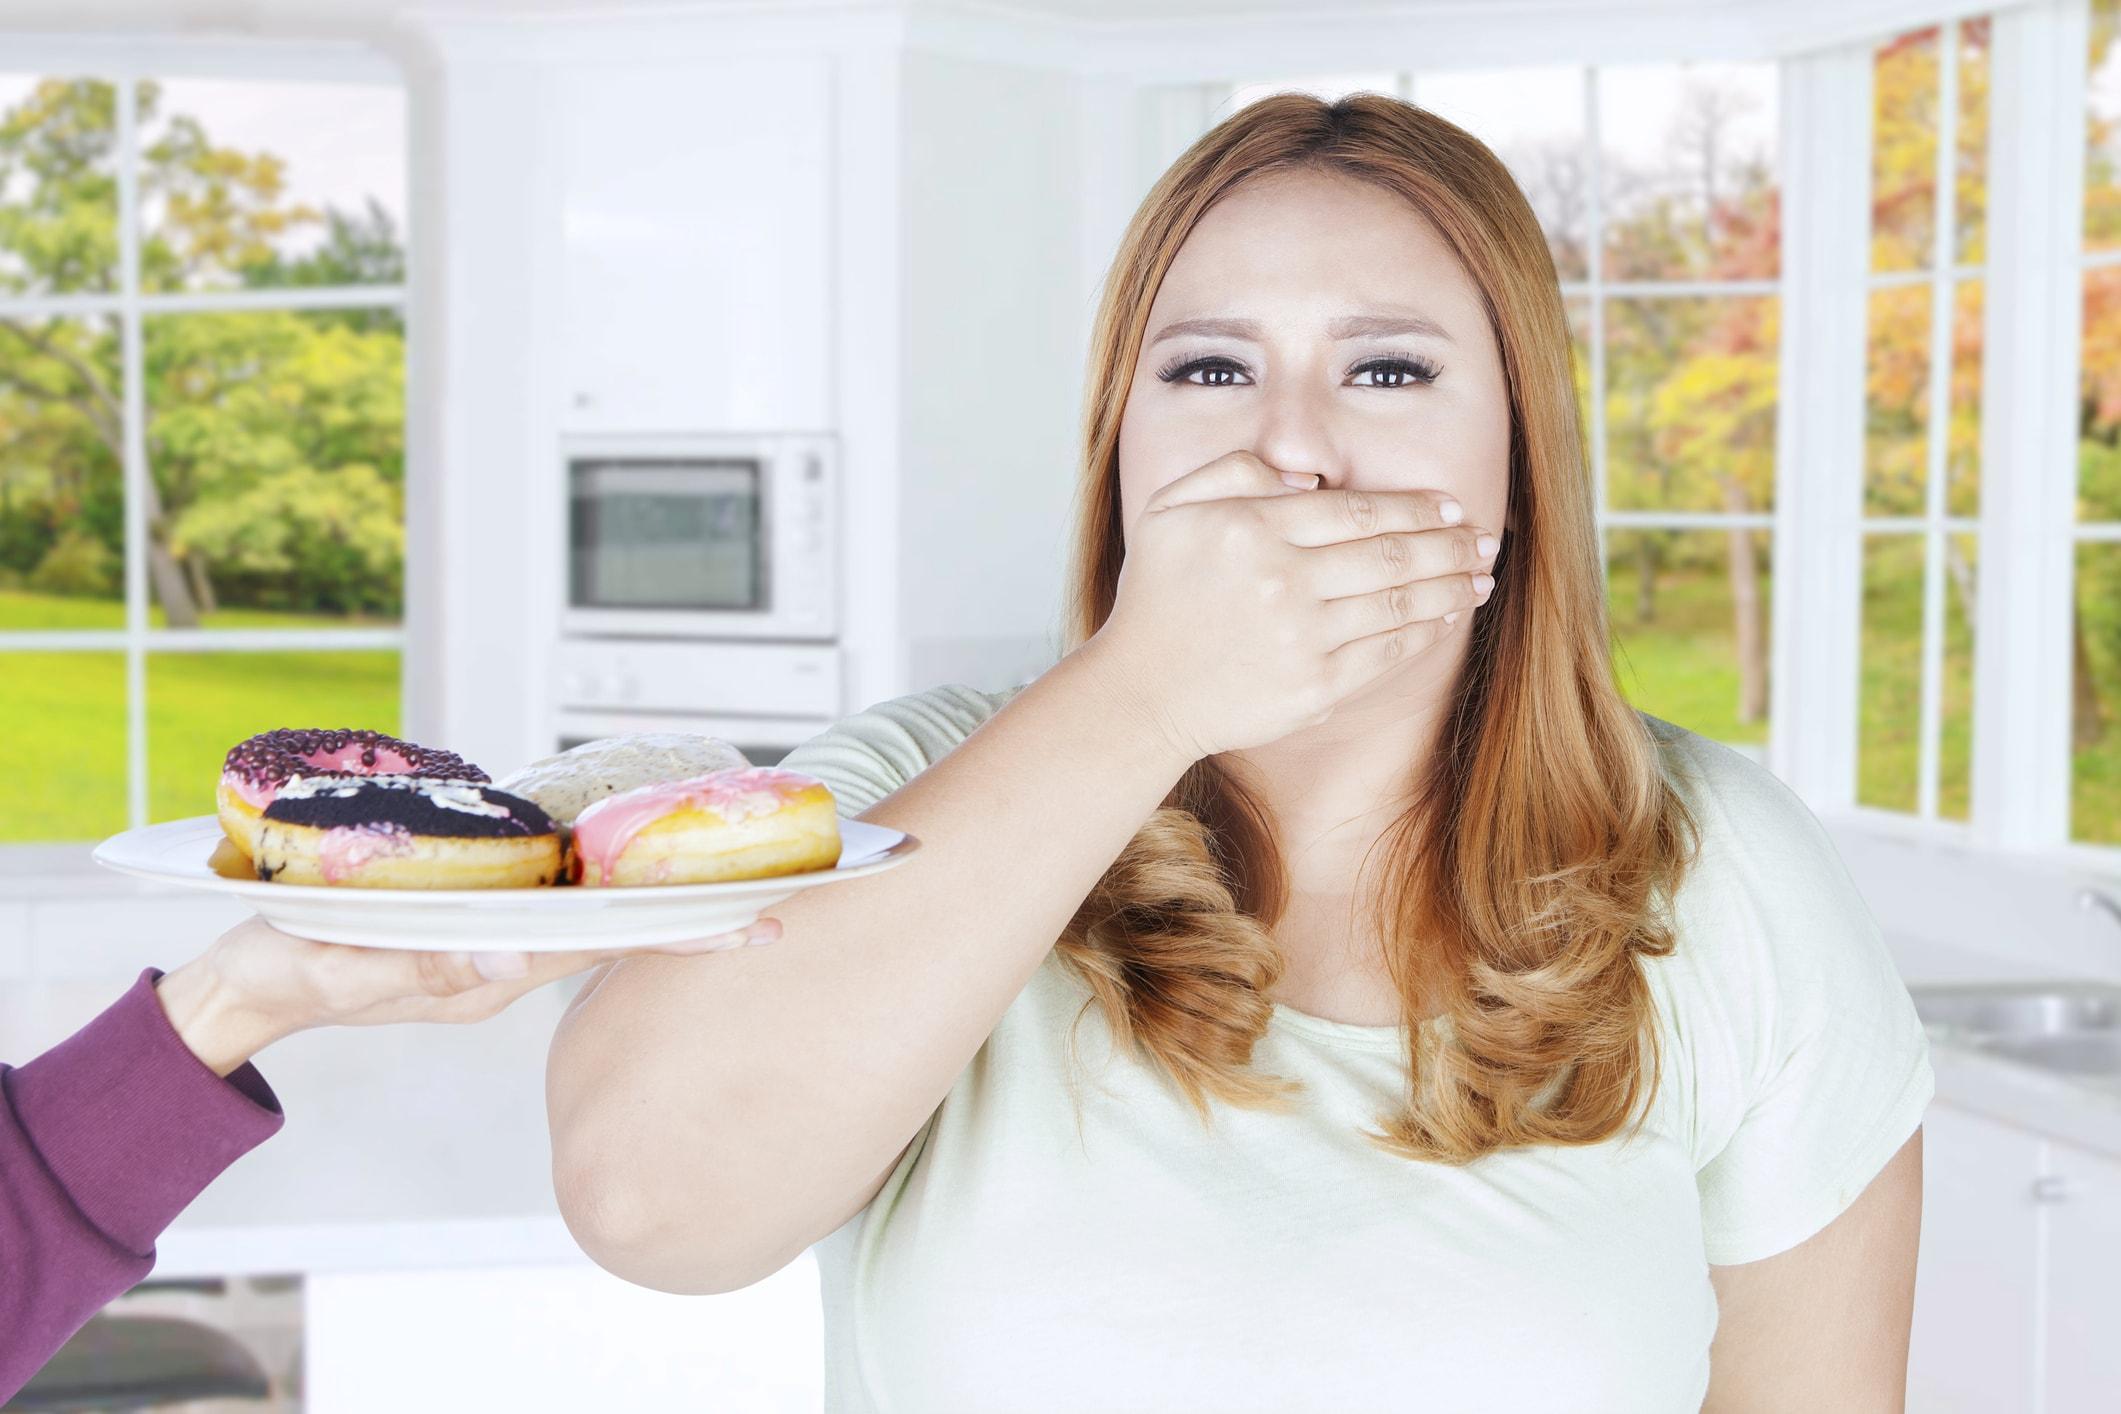 Die Dame verzichtet auf Süßigkeiten.